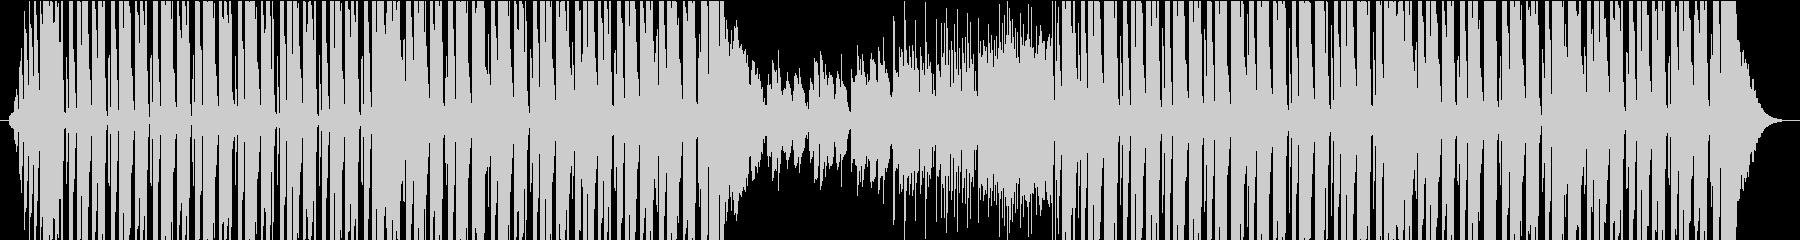 Hip Hop Background's unreproduced waveform